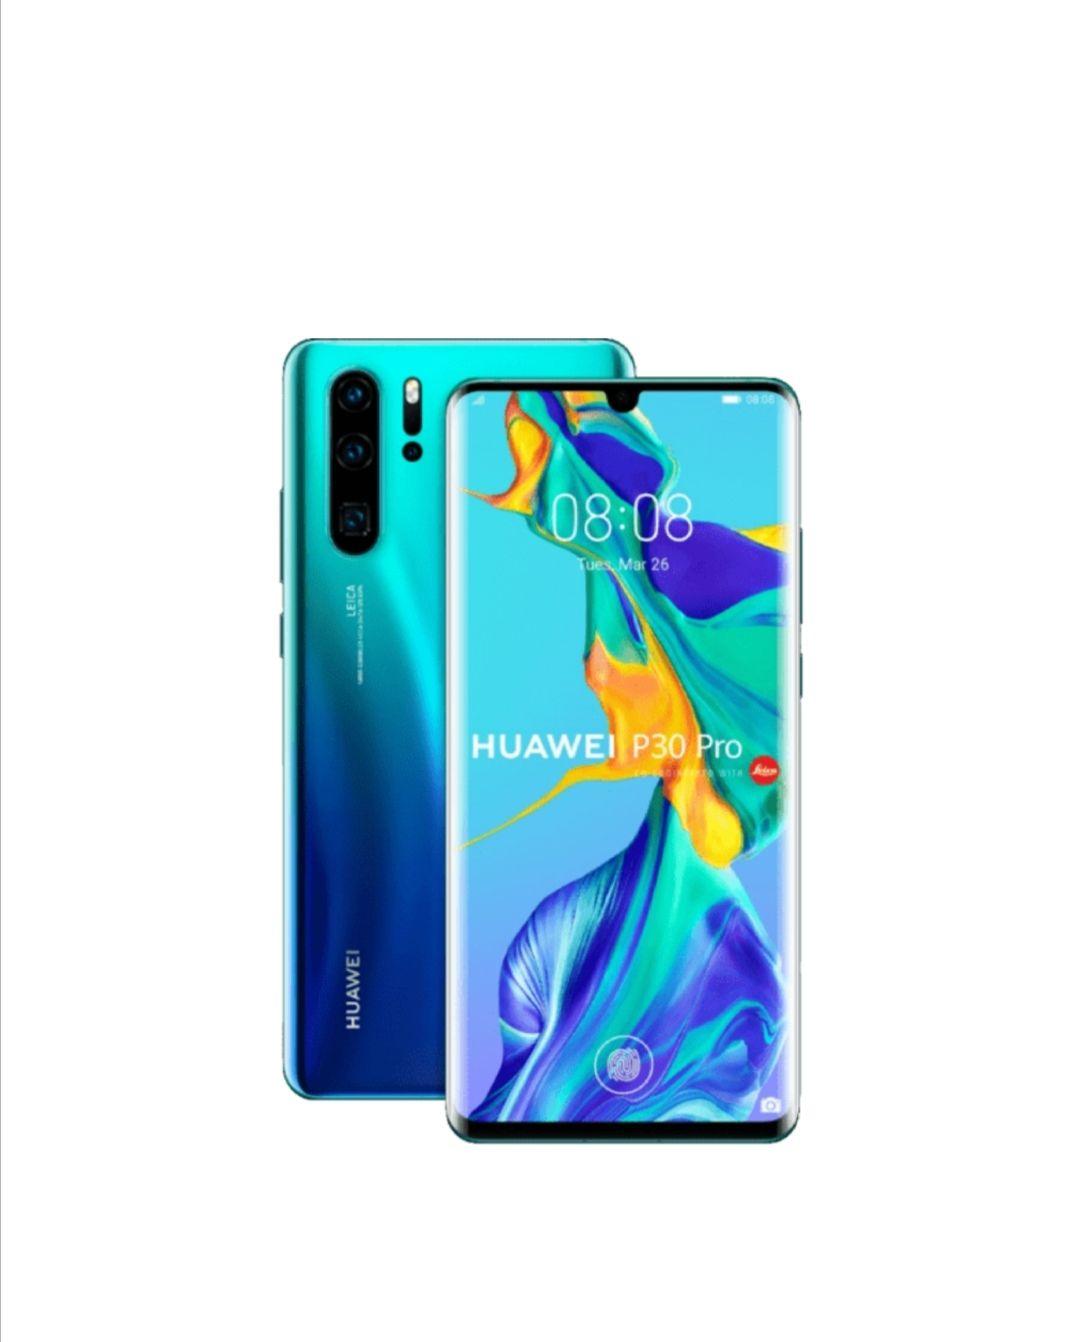 [Media Markt Österreich] Huawei P30 Pro 128 GB Smartphone für 489,20€ incl Versand nach DE